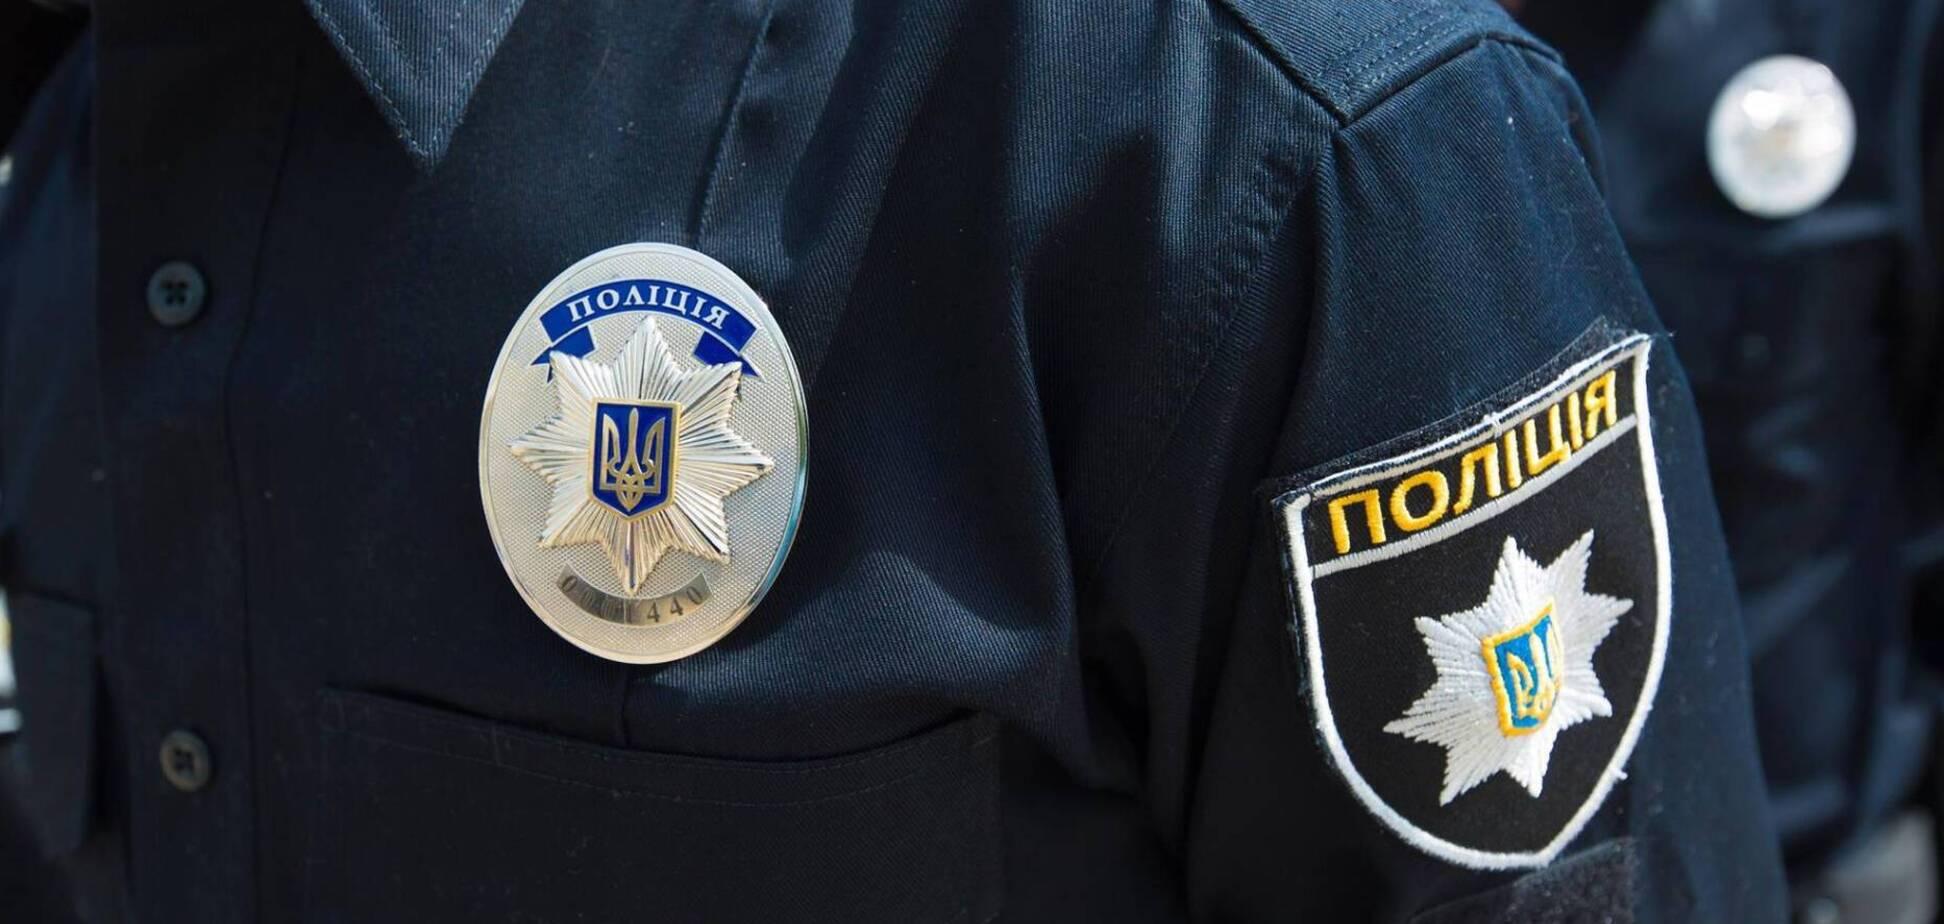 Венедіктова заявила, що замовників стрілянини у Броварах досі не встановлено. Ілюстрація